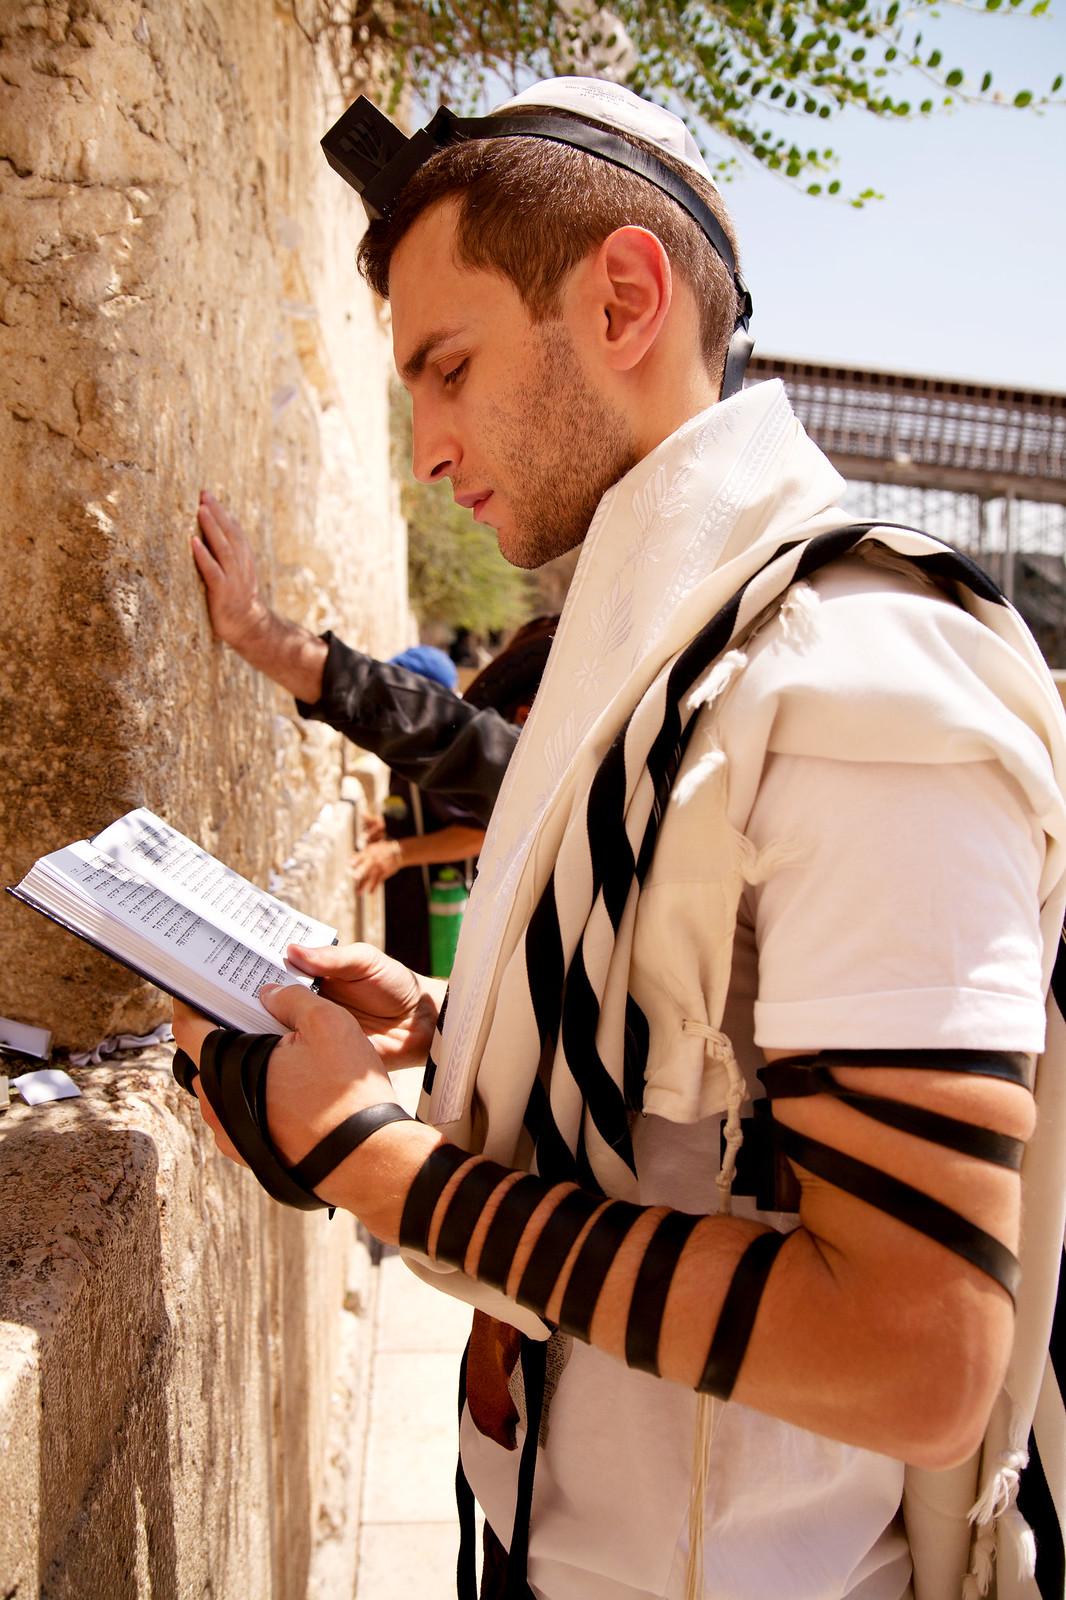 Jersusalem_Western Wall_Tefillin_9_Noam Chen_IMOT